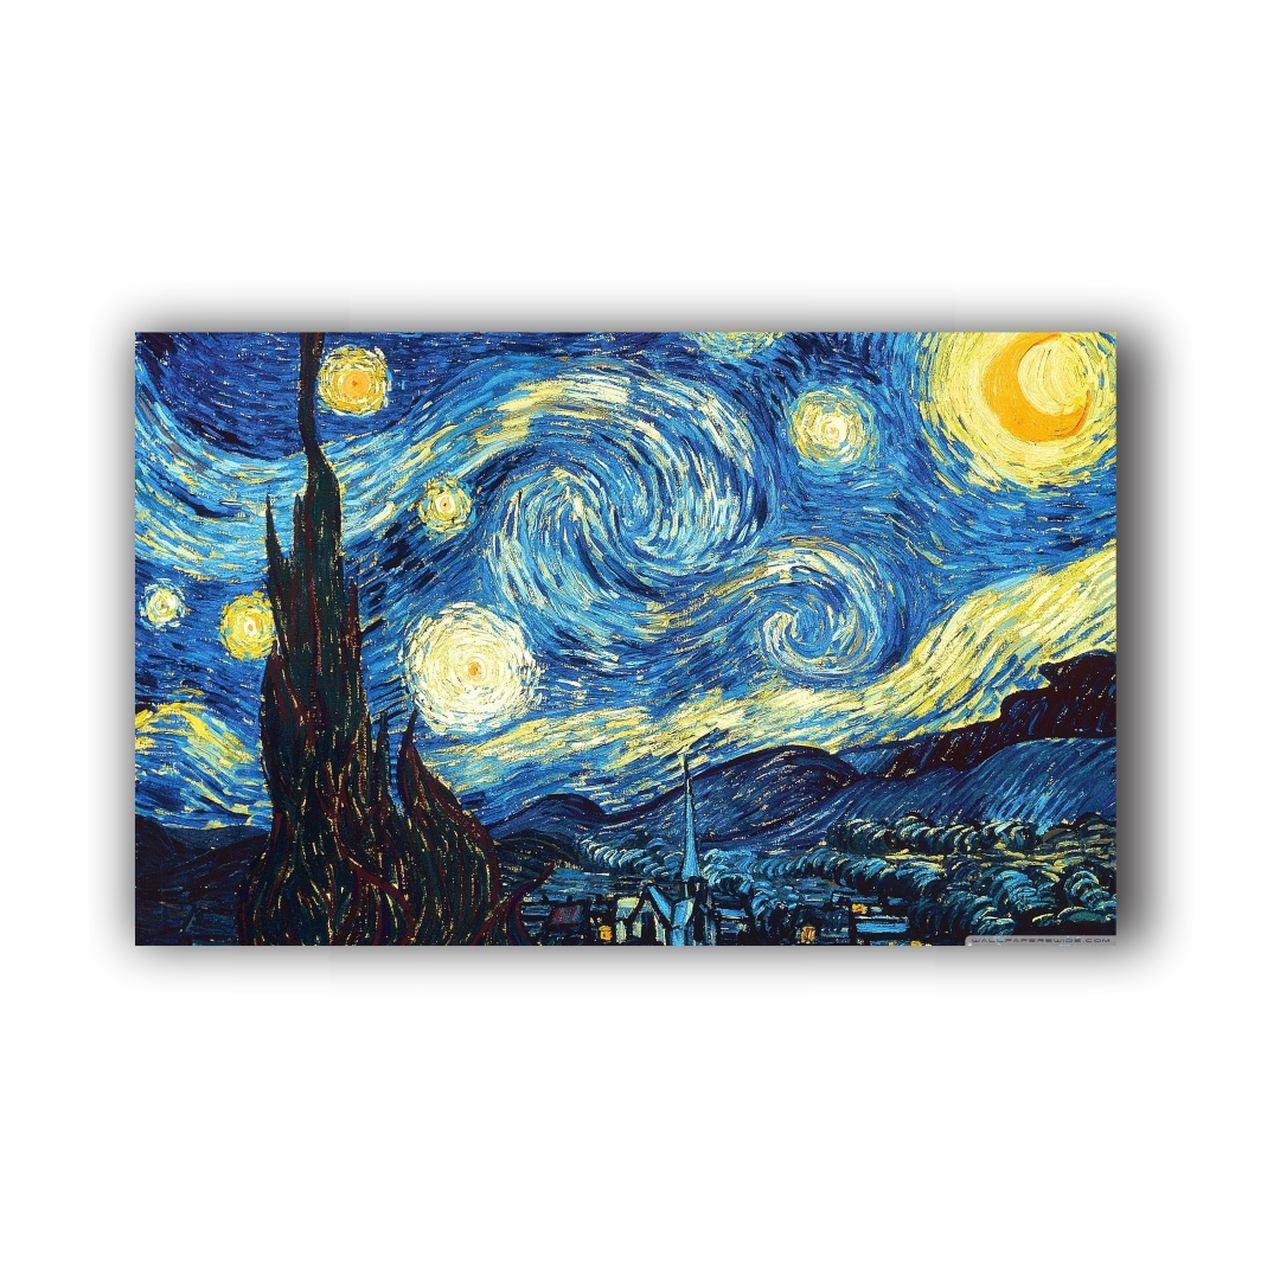 Quadro Van Gogh Noite Estrelada - Tela Única